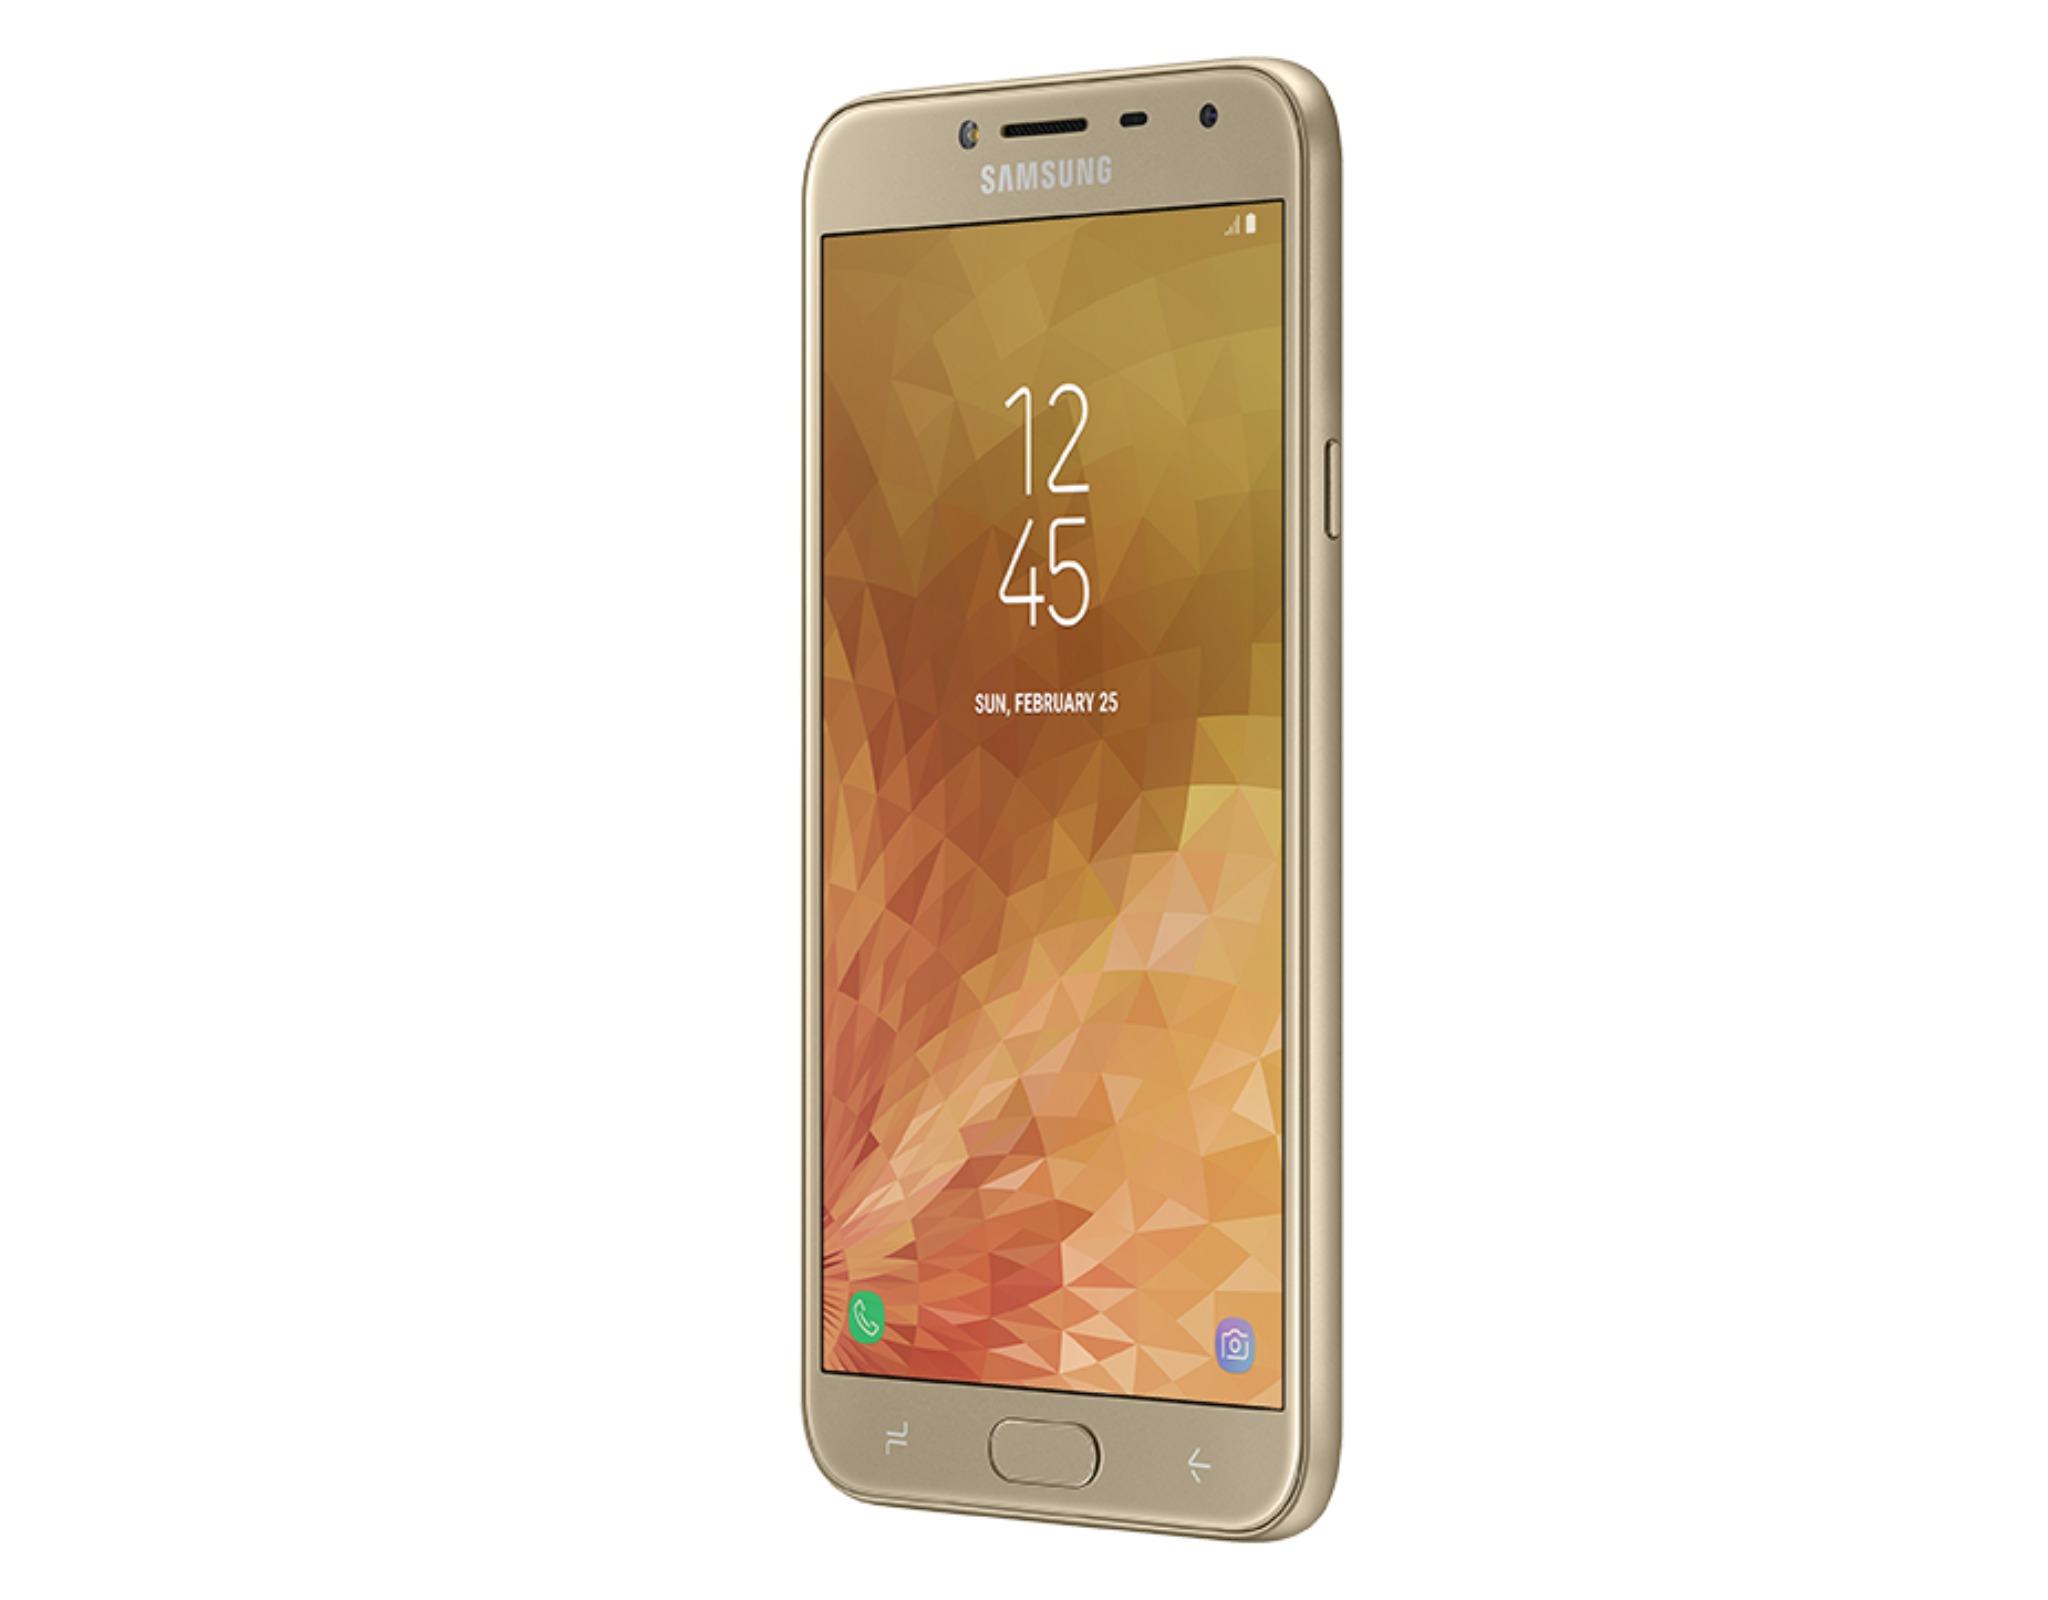 Samsung giới thiệu Galaxy J4 tại Việt Nam với màn hình 5.5 inch, camera chụp tối hiệu quả